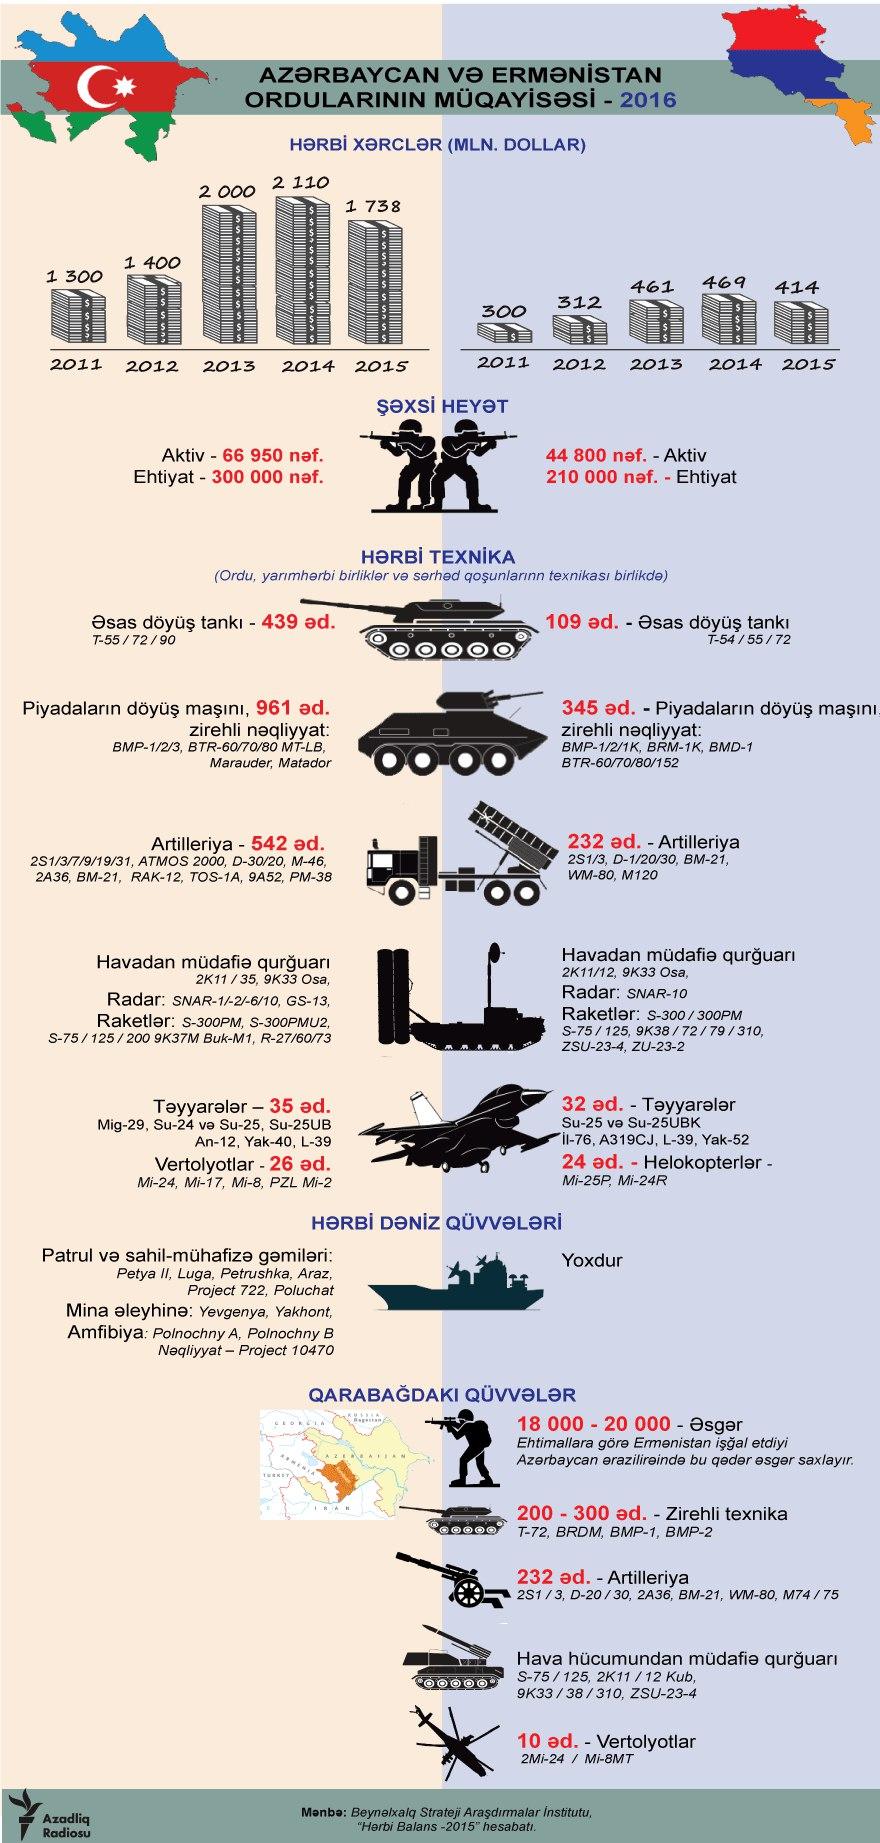 Ерменија  vs Азербејџан IAuq2pJ66UA